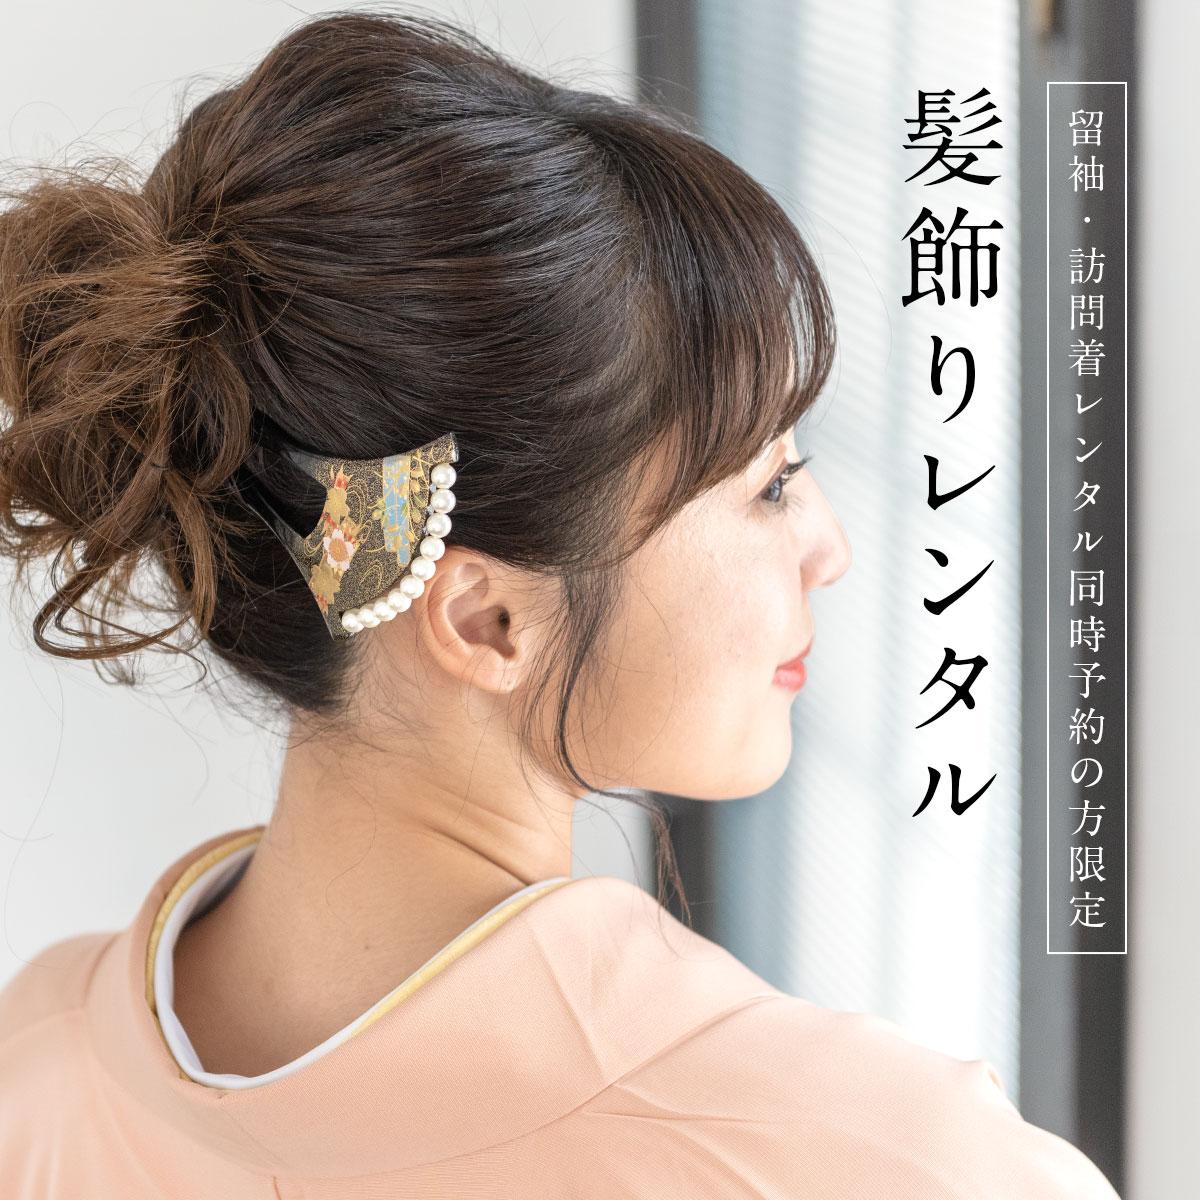 【レンタル】【※留袖セット専用髪飾り※】選べる10種類!留袖セット同時レンタル限定